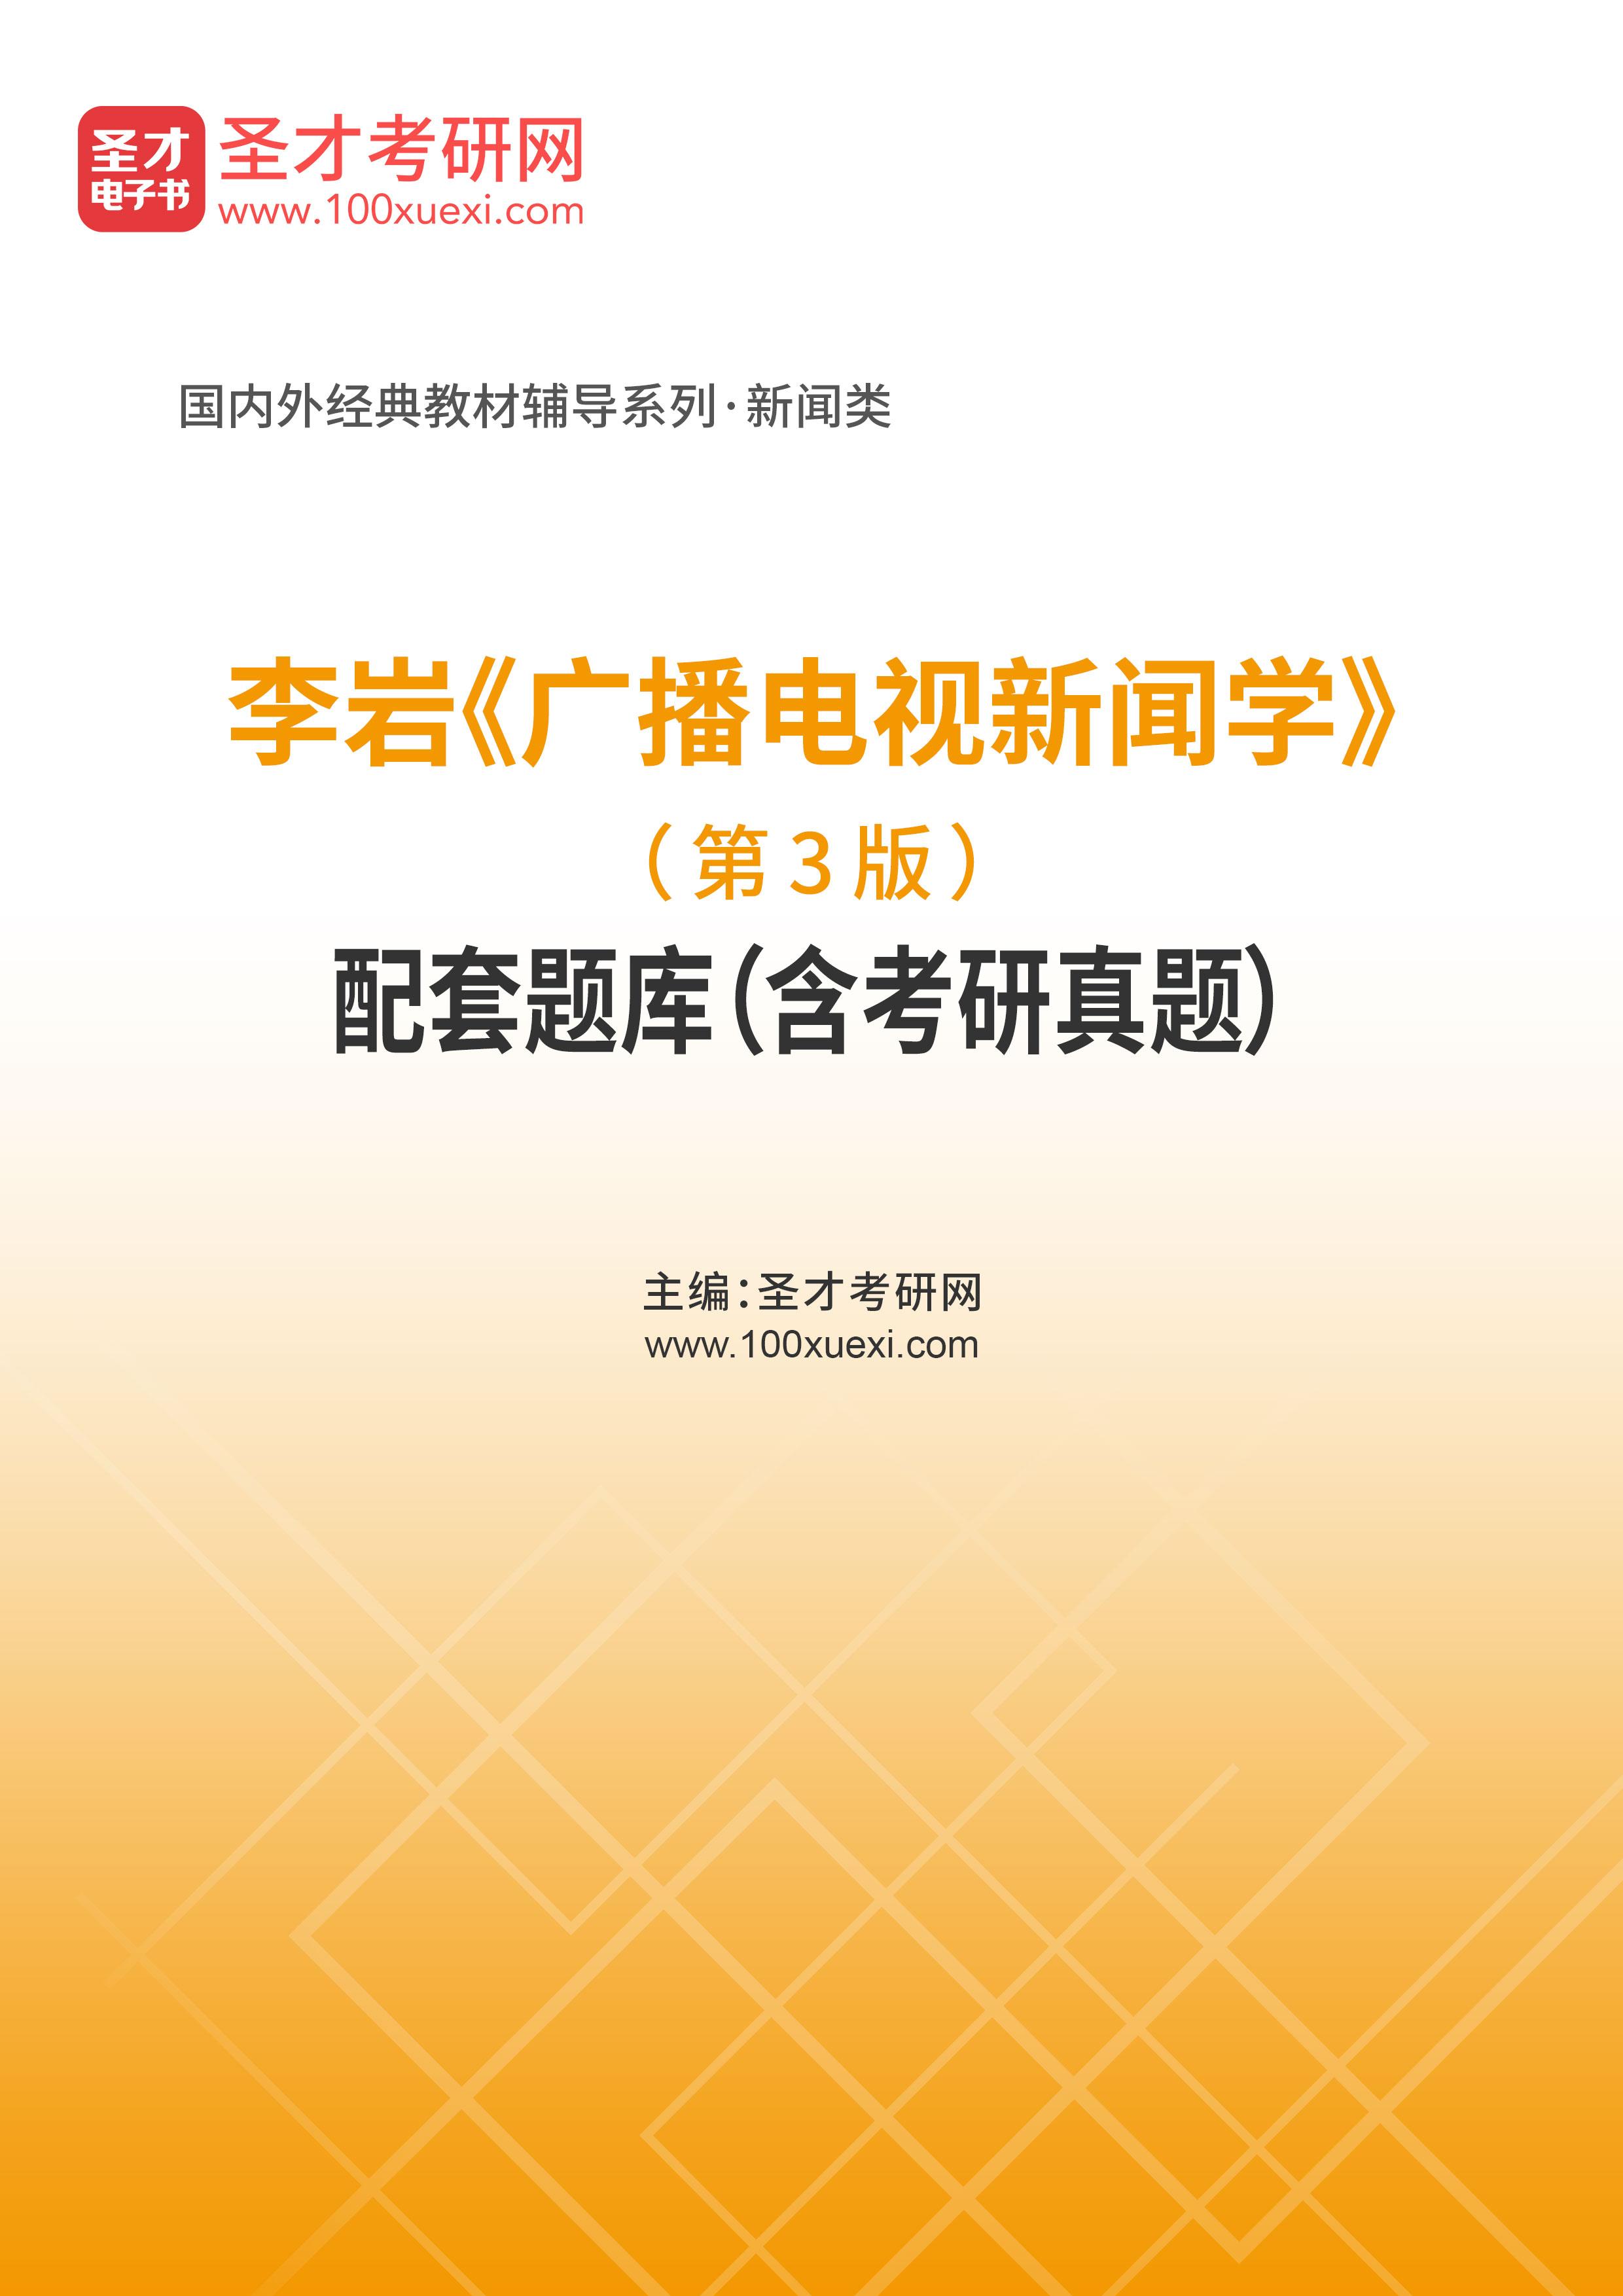 李岩《广播电视新闻学》(第3版)配套题库(含考研真题)